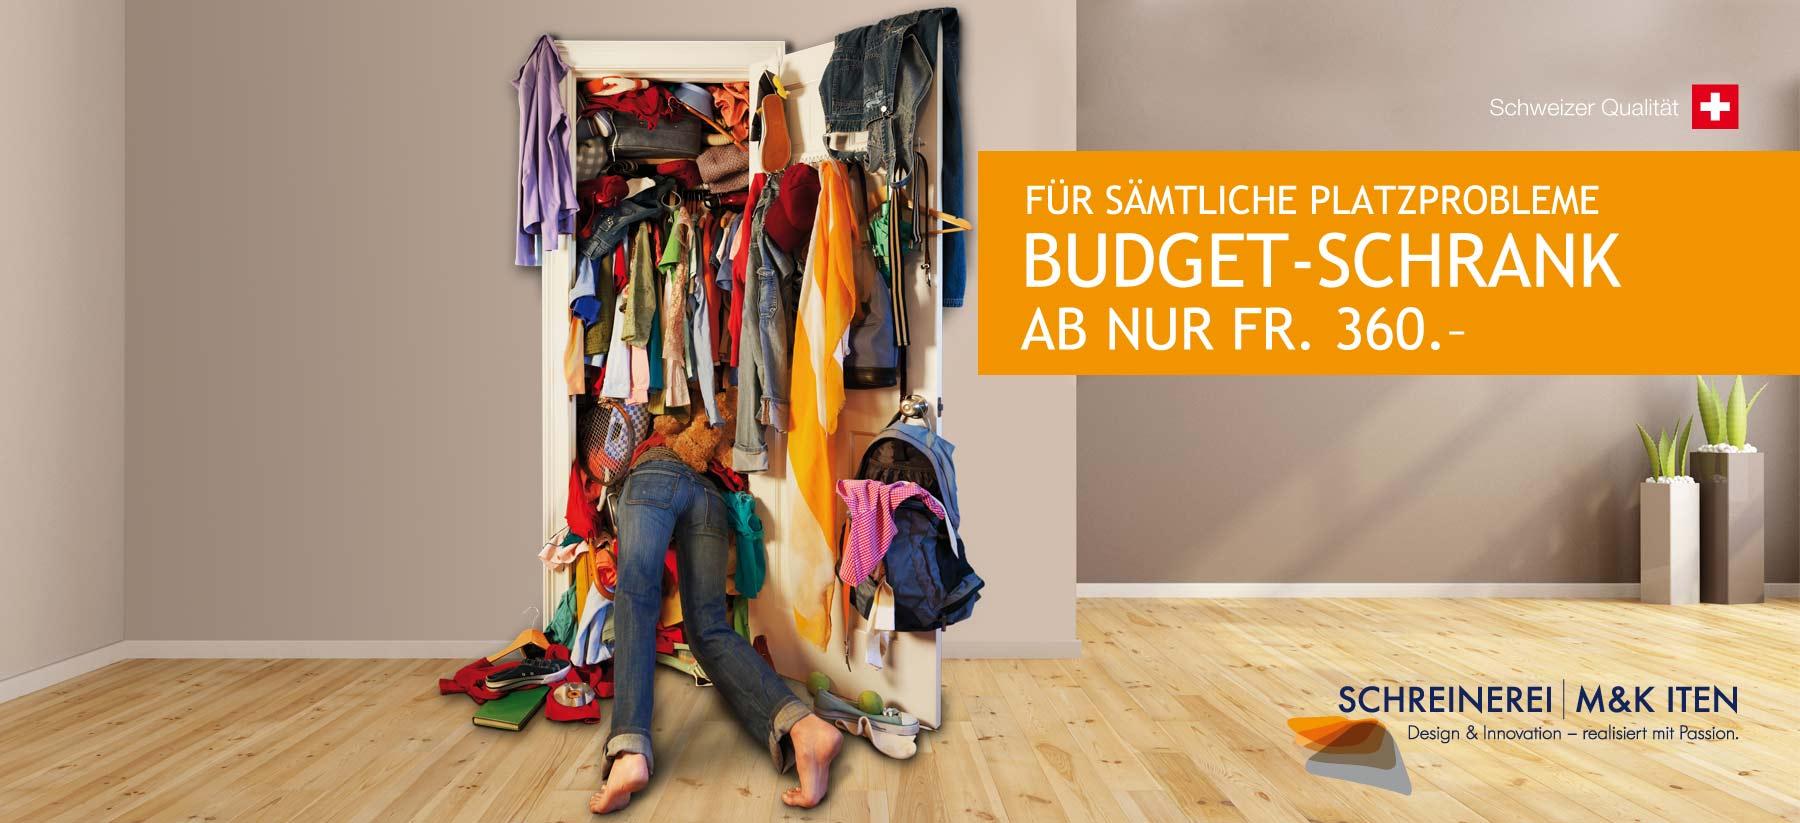 Armadietto del bilancio